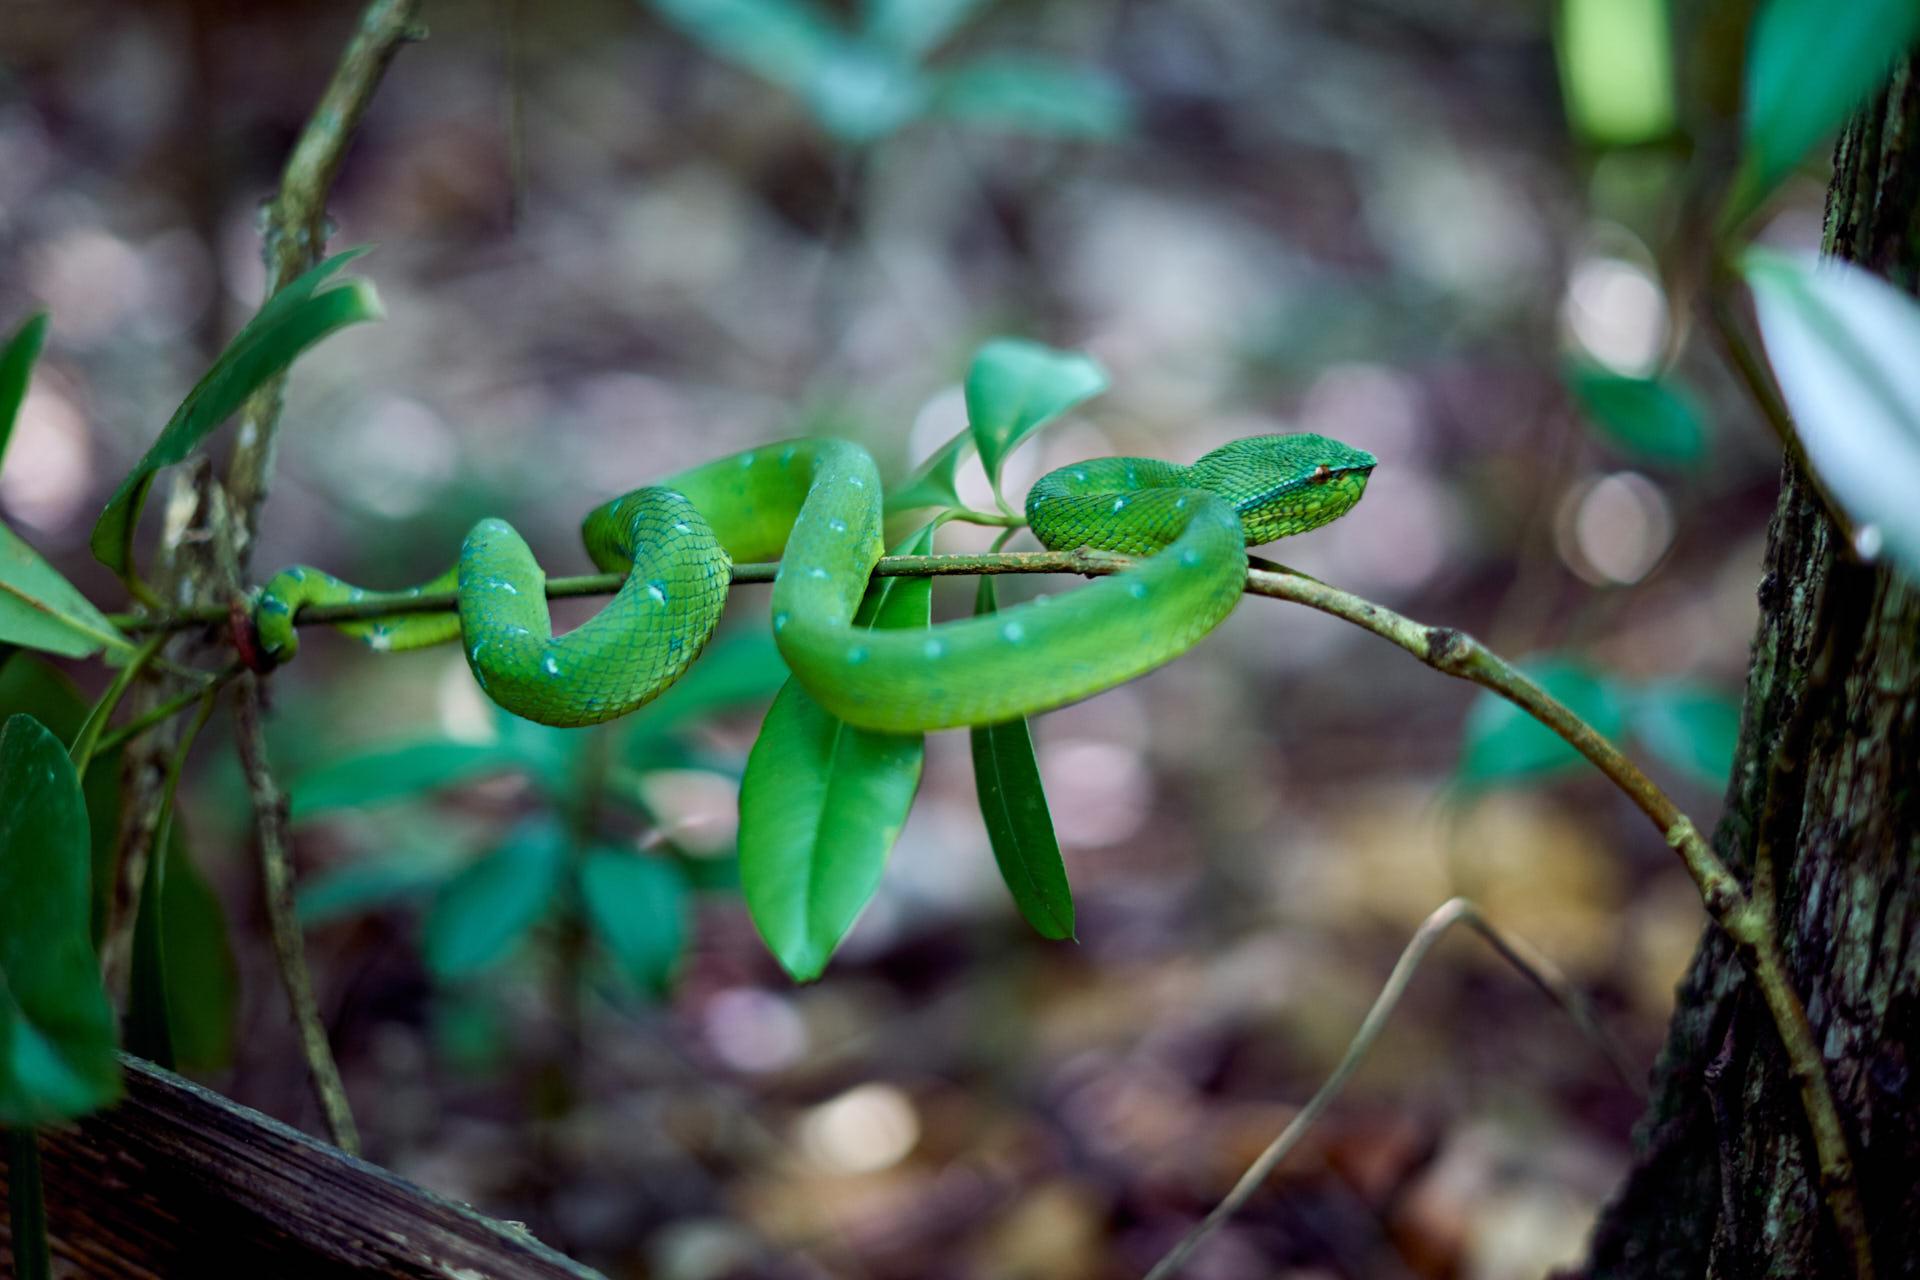 Une vipère verte sur une branche